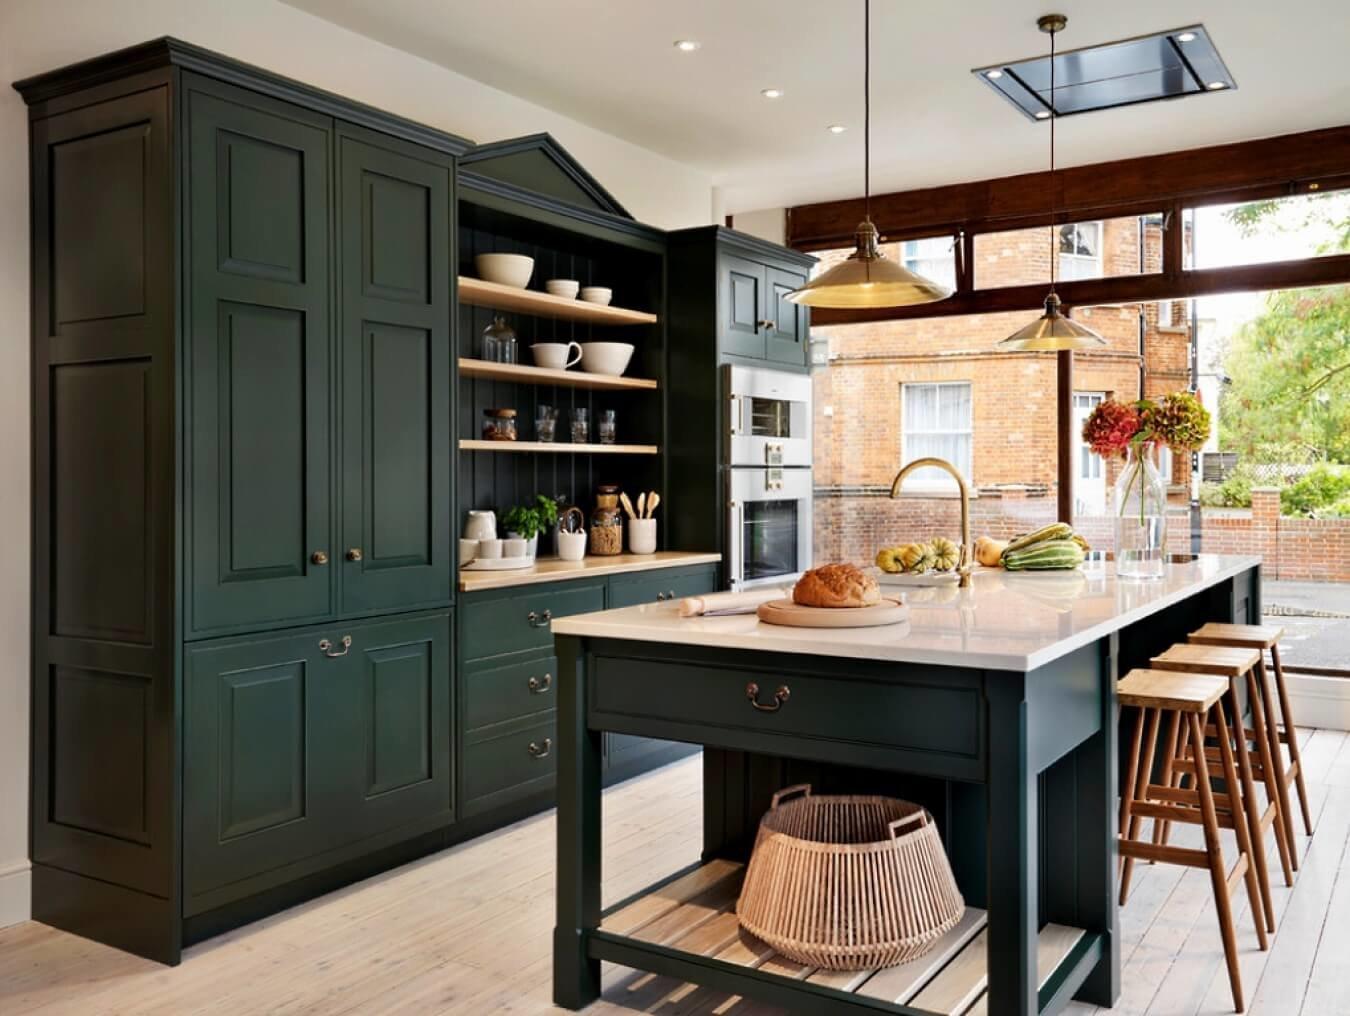 Кухонный гарнитур в цвете Night Watch - это изысканная роскошь, созданная для истинных ценителей  шедевров дизайн искусства.